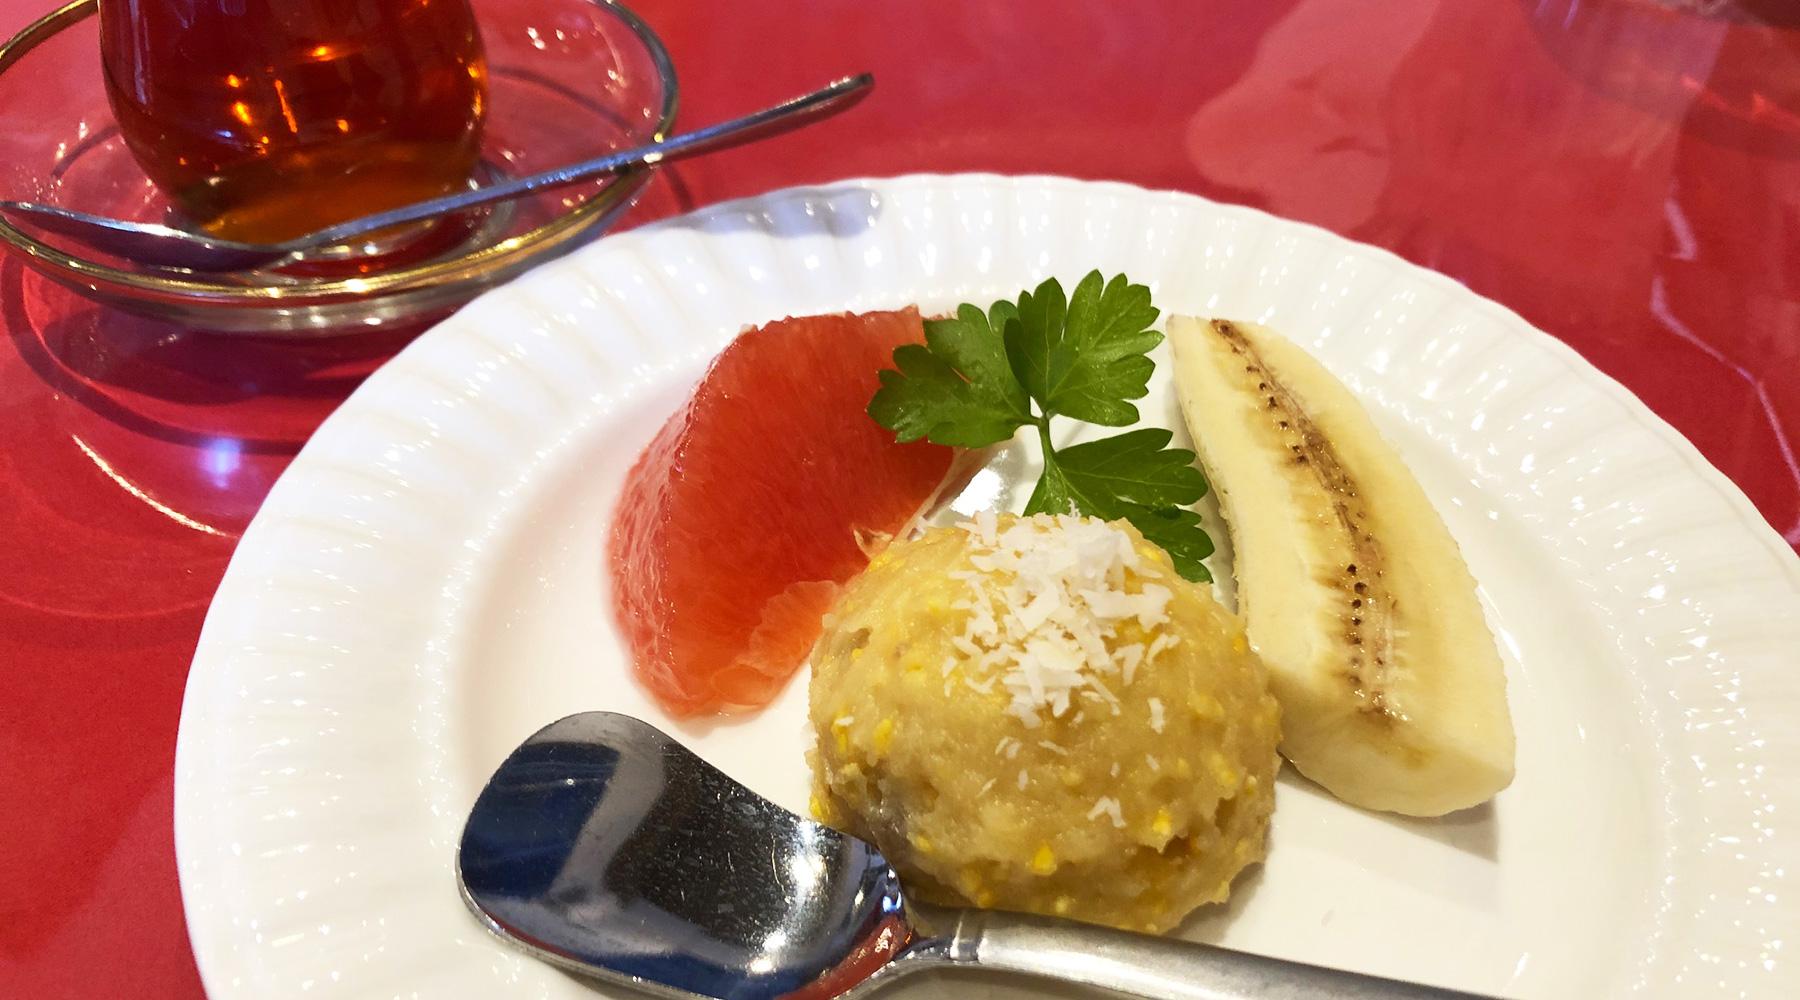 浦和のトルコ料理アセナのランチデザートとチャイ